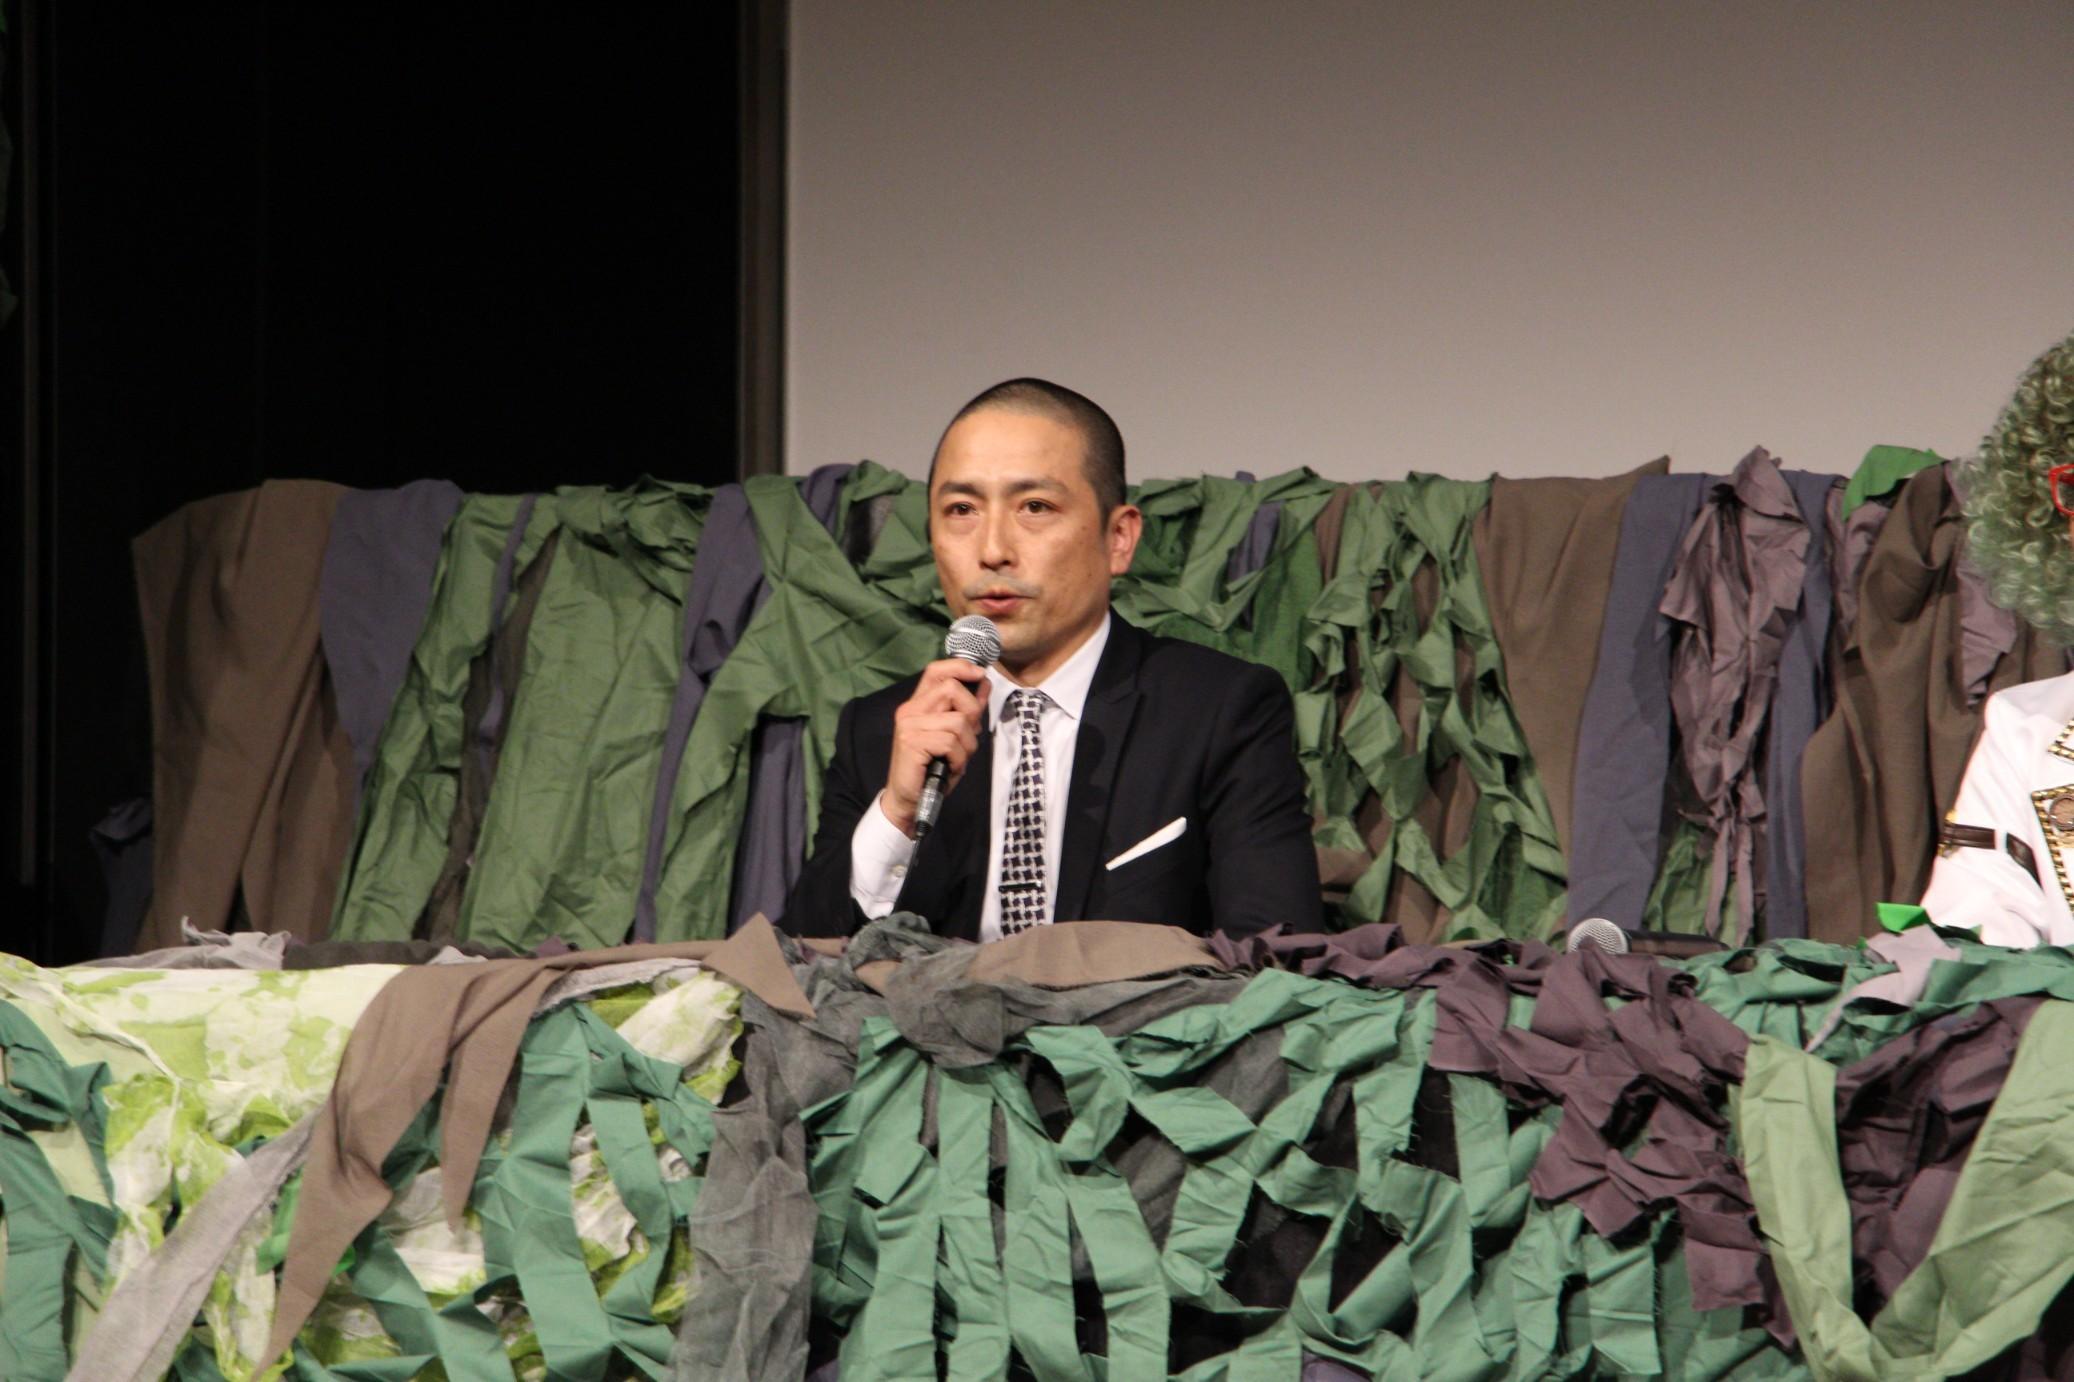 『世界一受けたい授業』番組チーフプロデューサー・糸井聖一氏